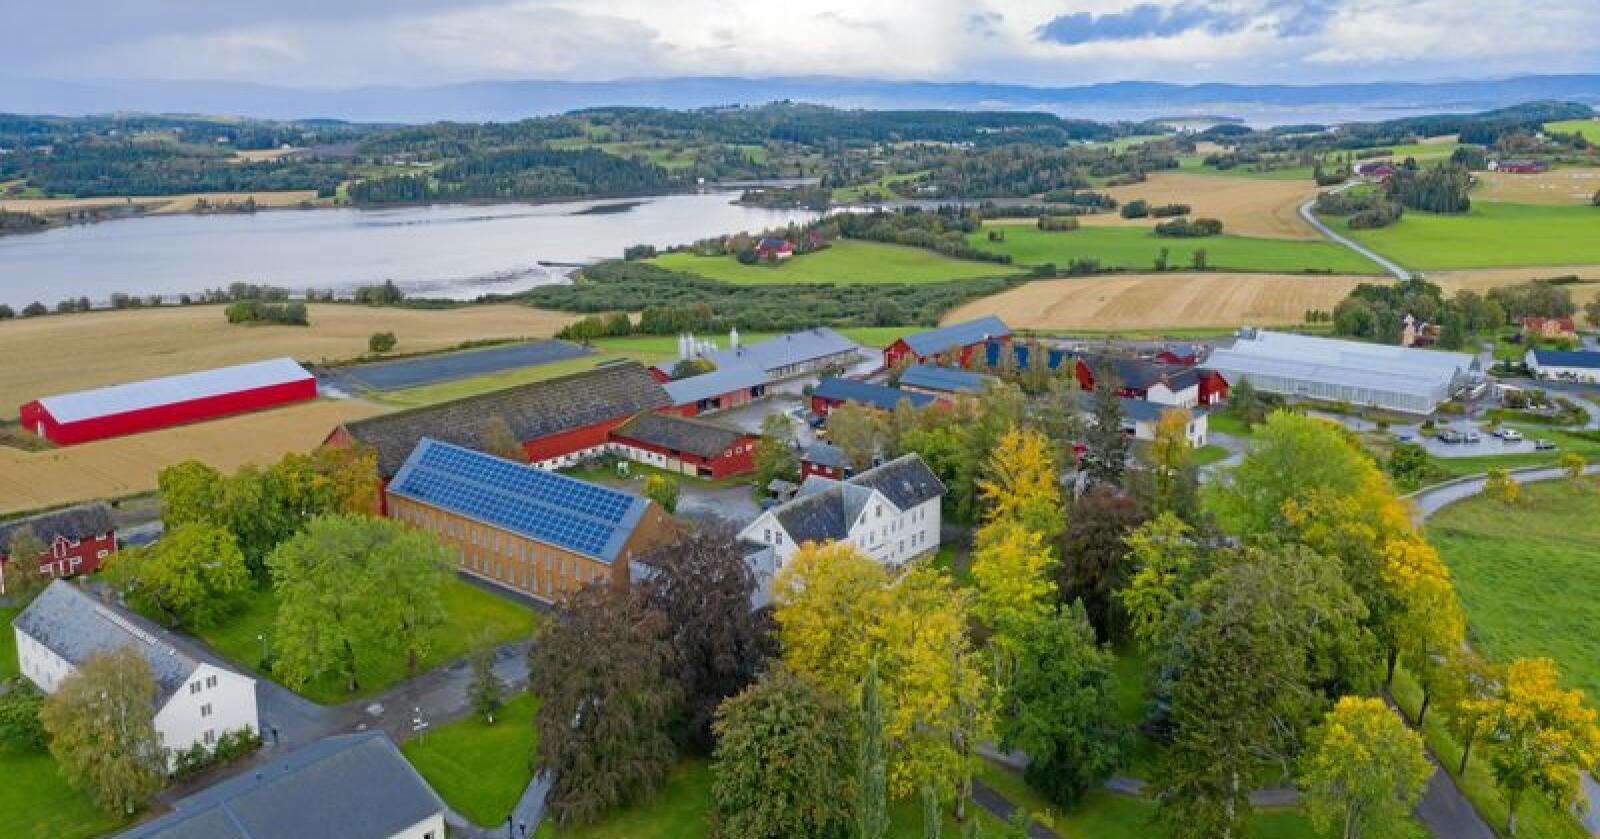 Mange bygg: Mære landbruksskole har et samlet byggeareal på om lag 18.000 kvadratmeter. Alle foto: Håvard Zeiner